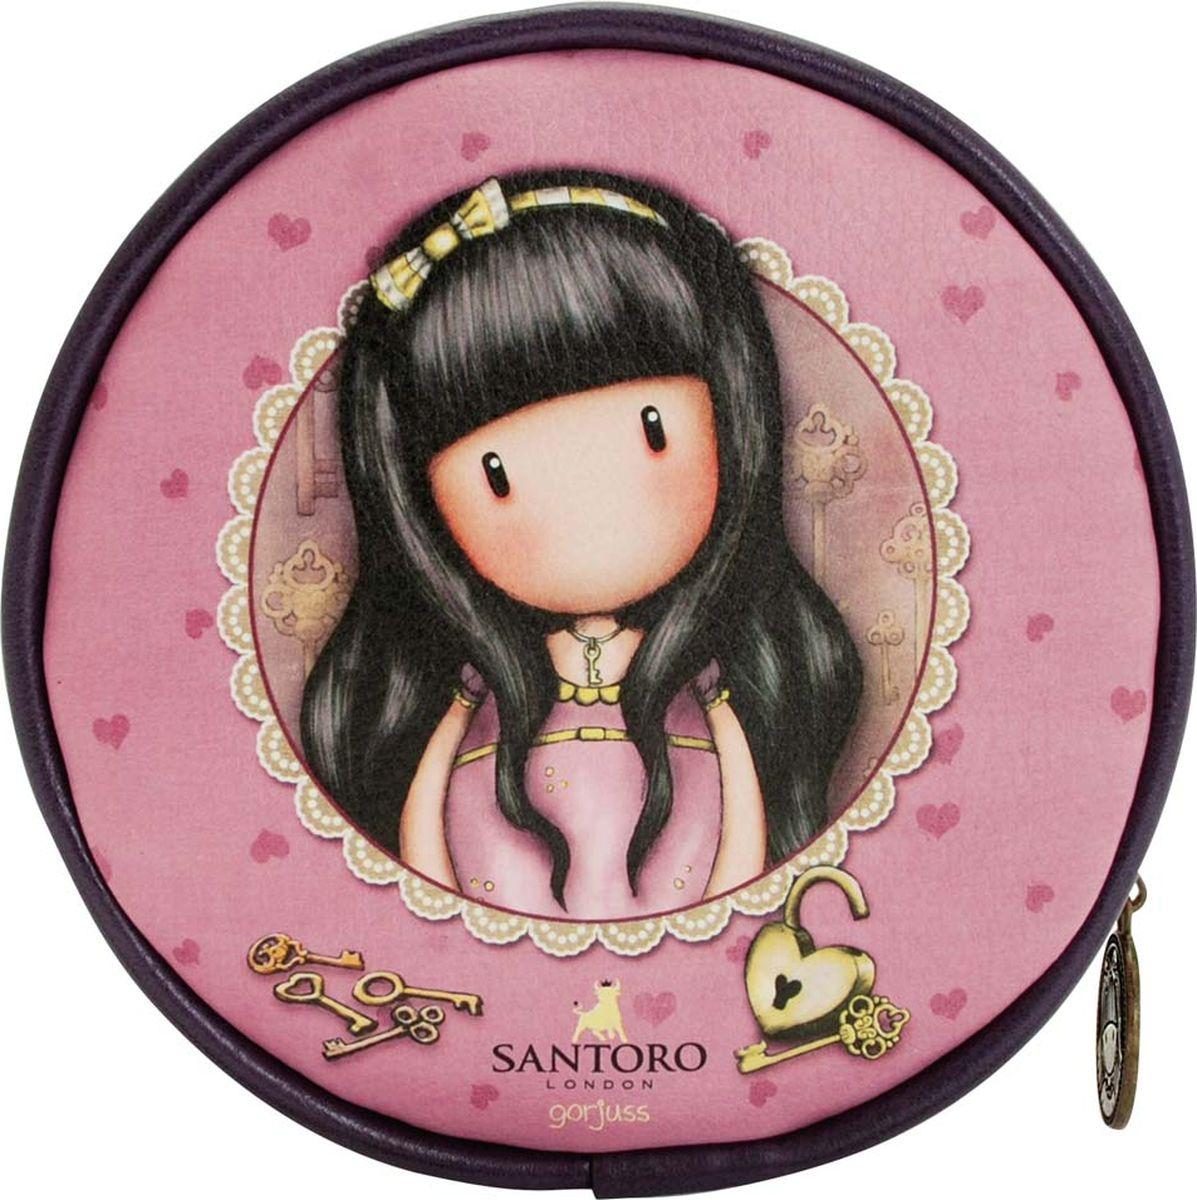 Santoro Сумка детская The Secret730396Круглая сумка для аксессуаров - The Secret